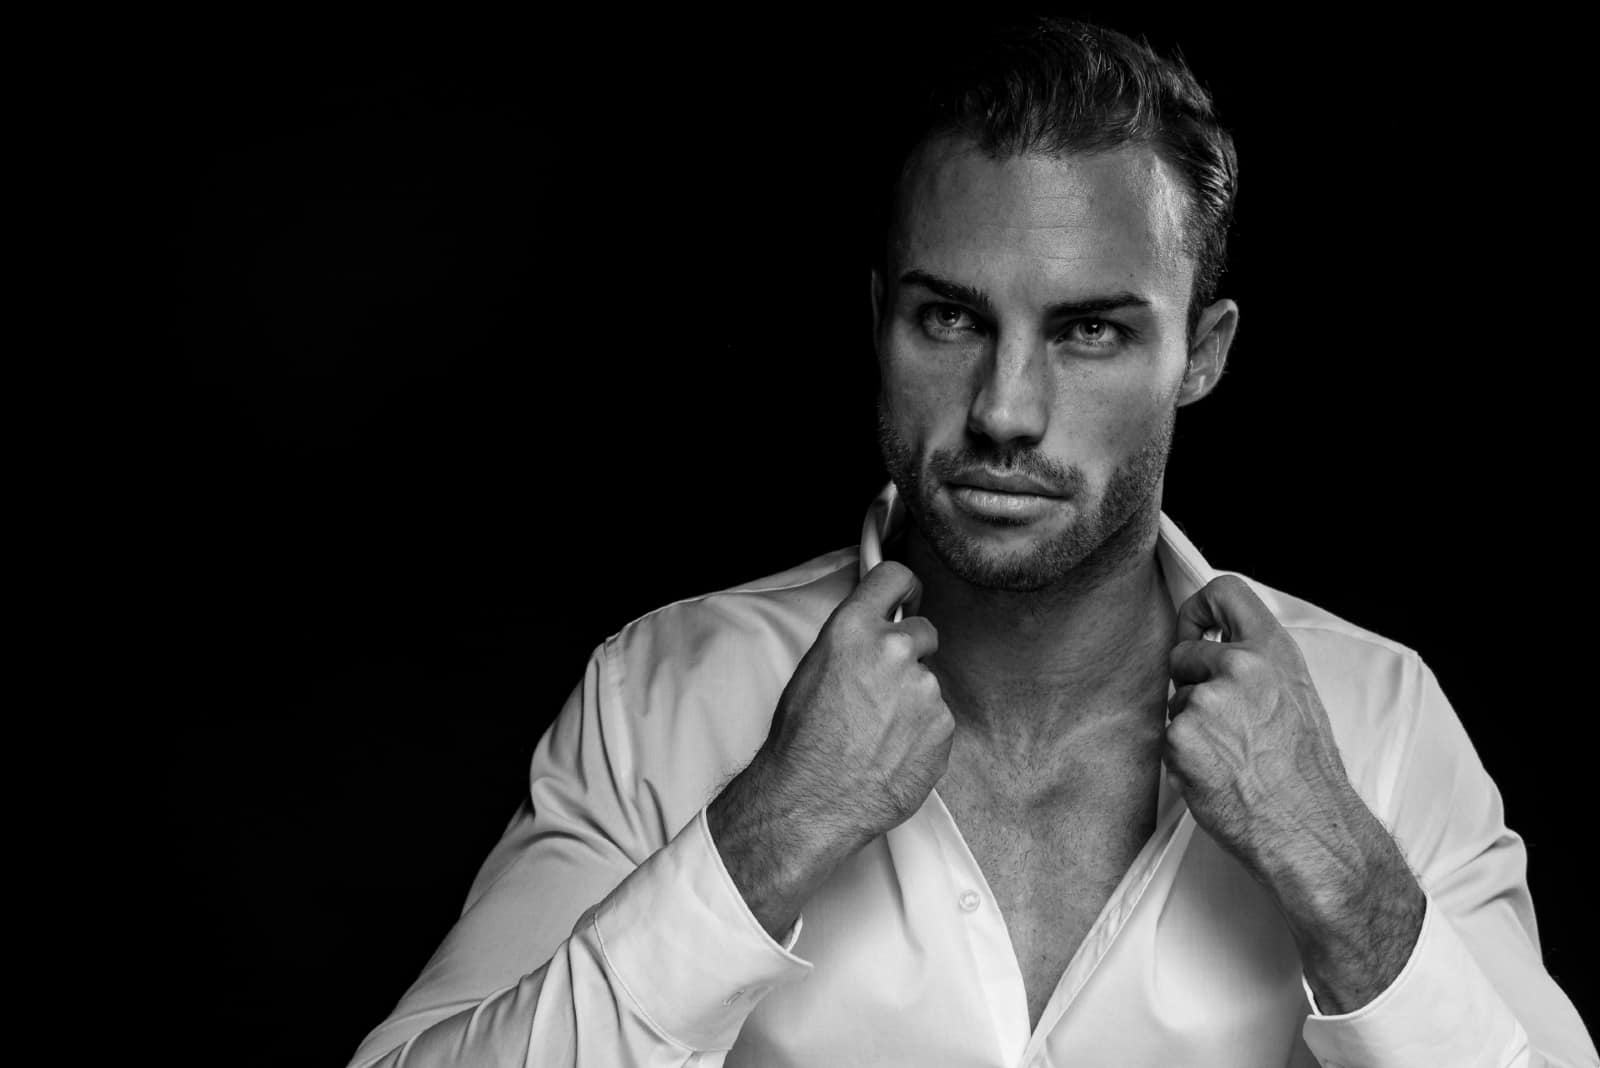 homme avec barbe touchant une chemise blanche